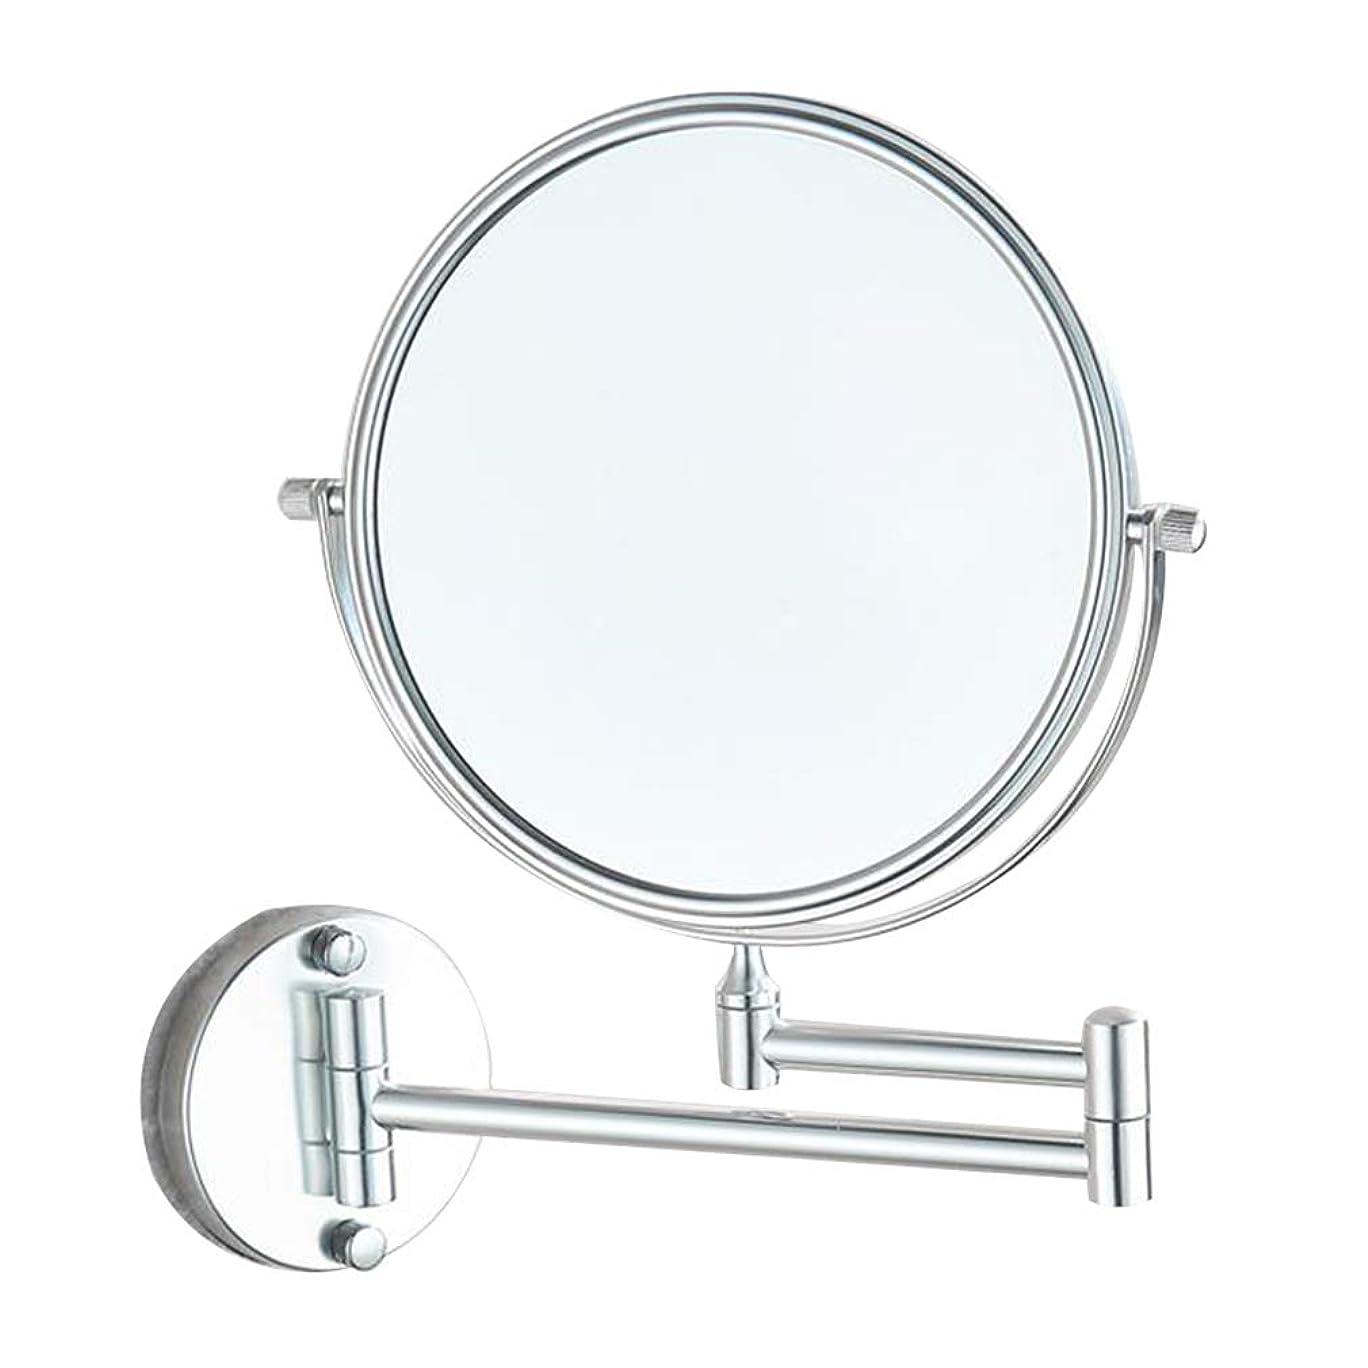 スリッパピカソ契約したHUYYA 化粧鏡、両面 壁掛け式 化粧ミラー 3倍拡大 けメイクミラー 360 °回転 伸縮可能折りバスルームの鏡,Silver_8inch